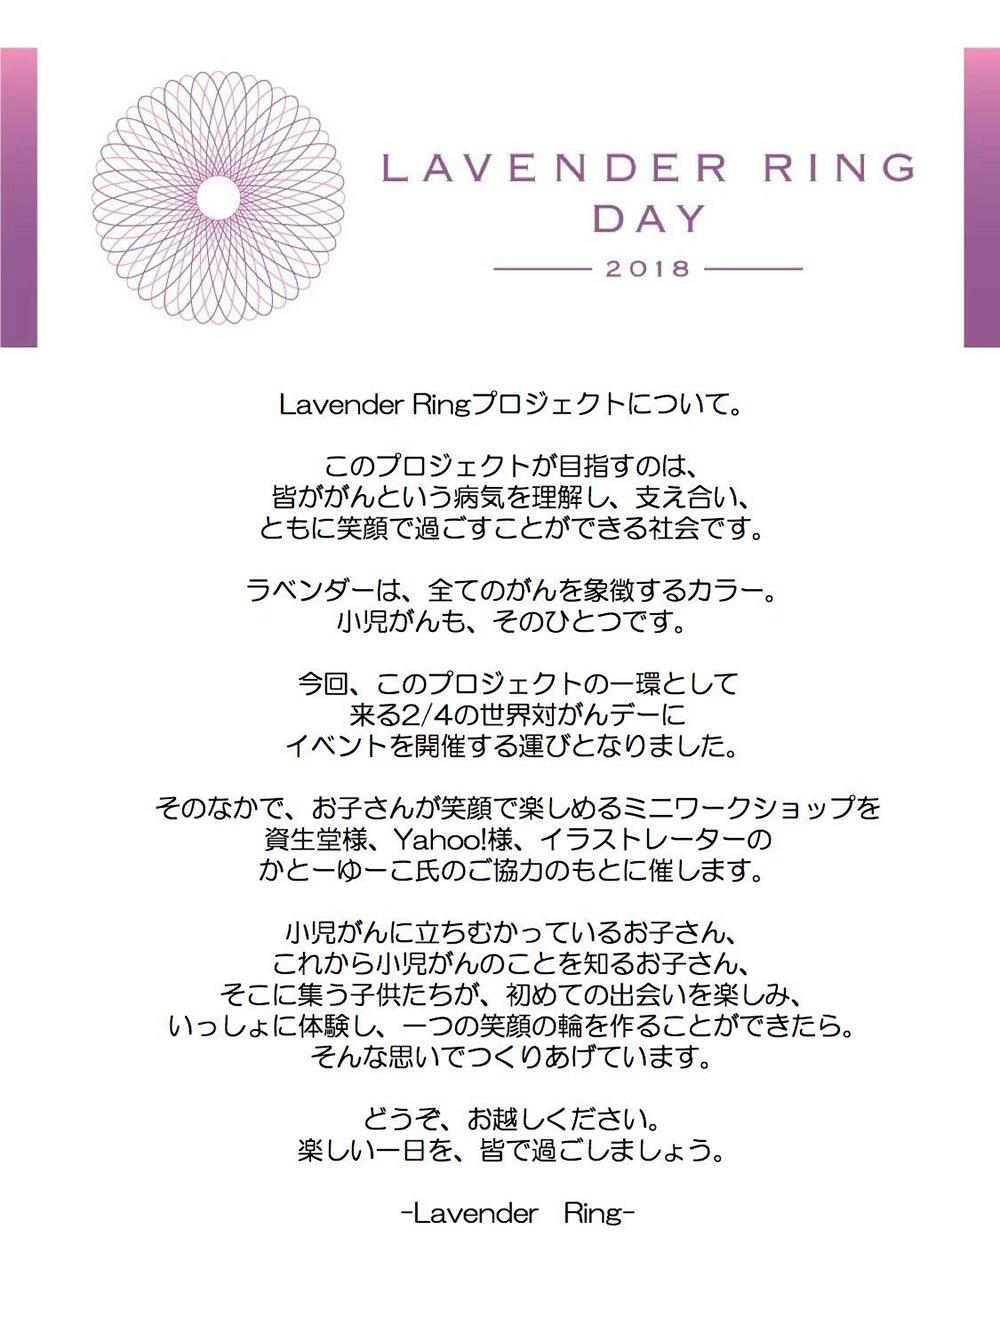 lavender-ring-1.jpg